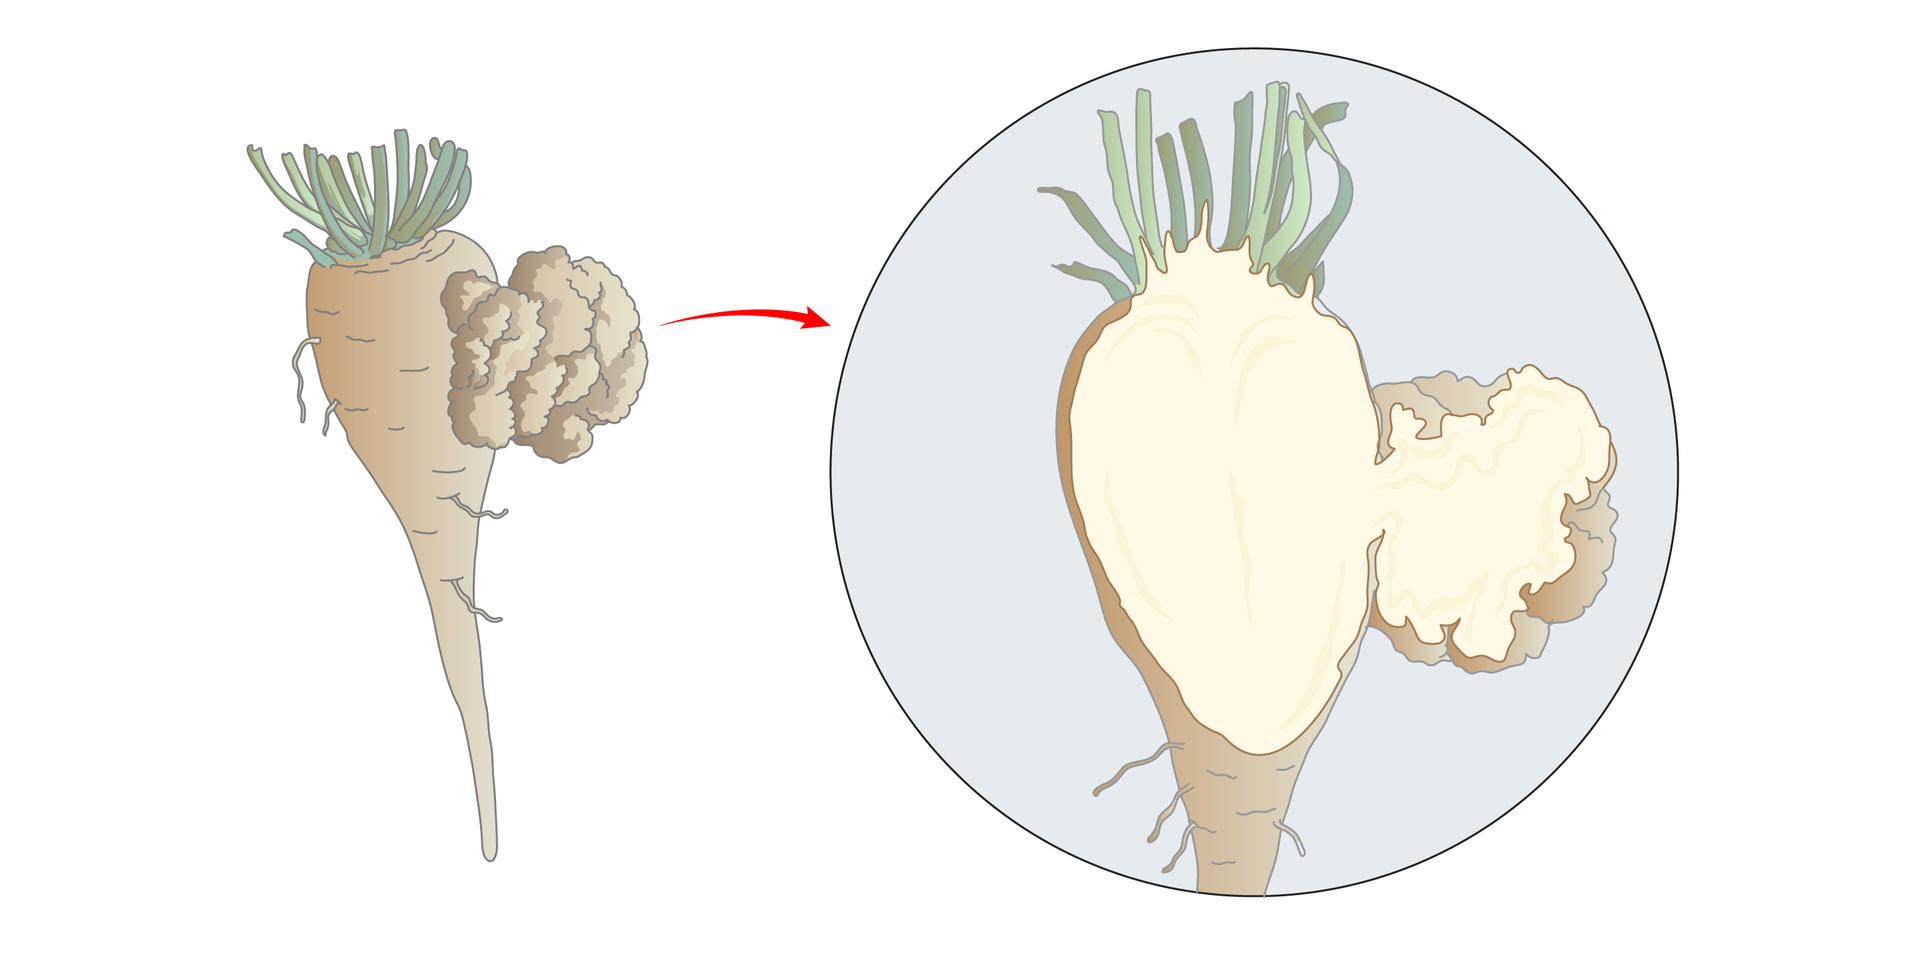 Ilustracja przestawia schematycznie buraka cukrowego zguzem zprawej strony. Powiększenie przekroju ukazuje, że guz zbudowany jest ztej samej tkanki, co roślina, tu wkolorze białym.